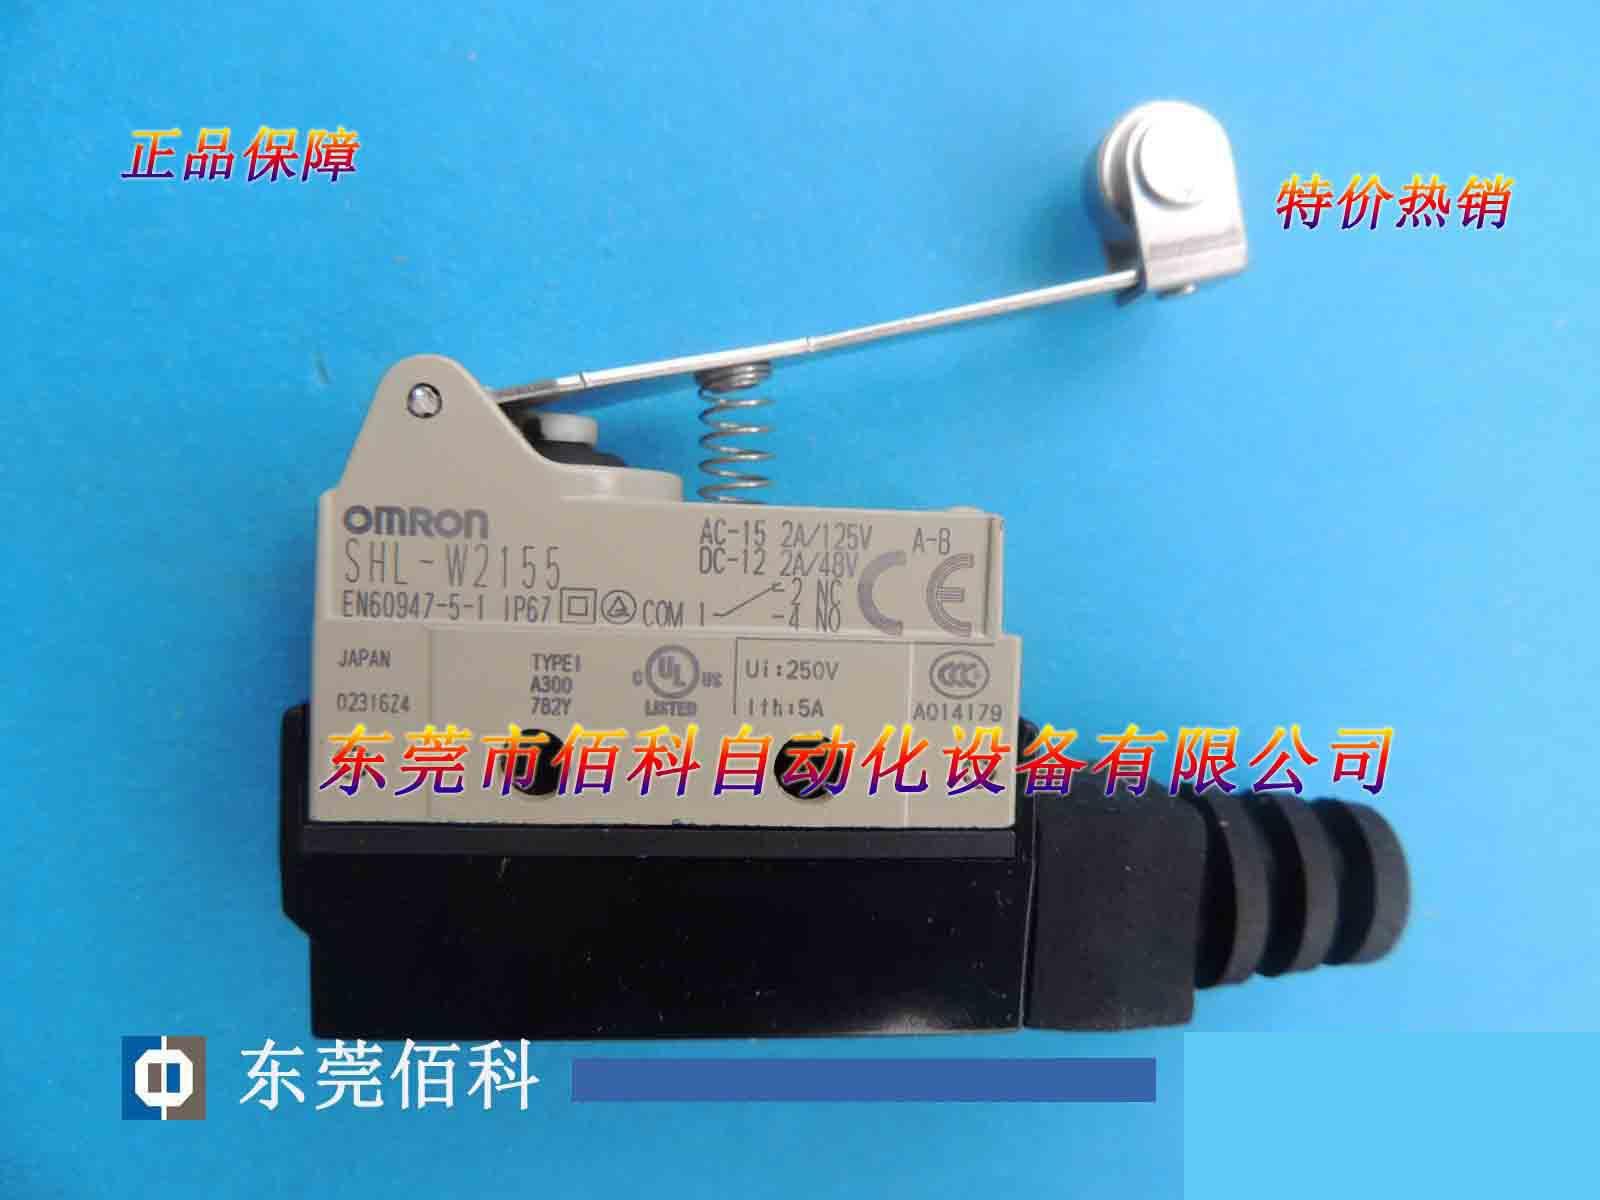 New travel switch SHL-W2155